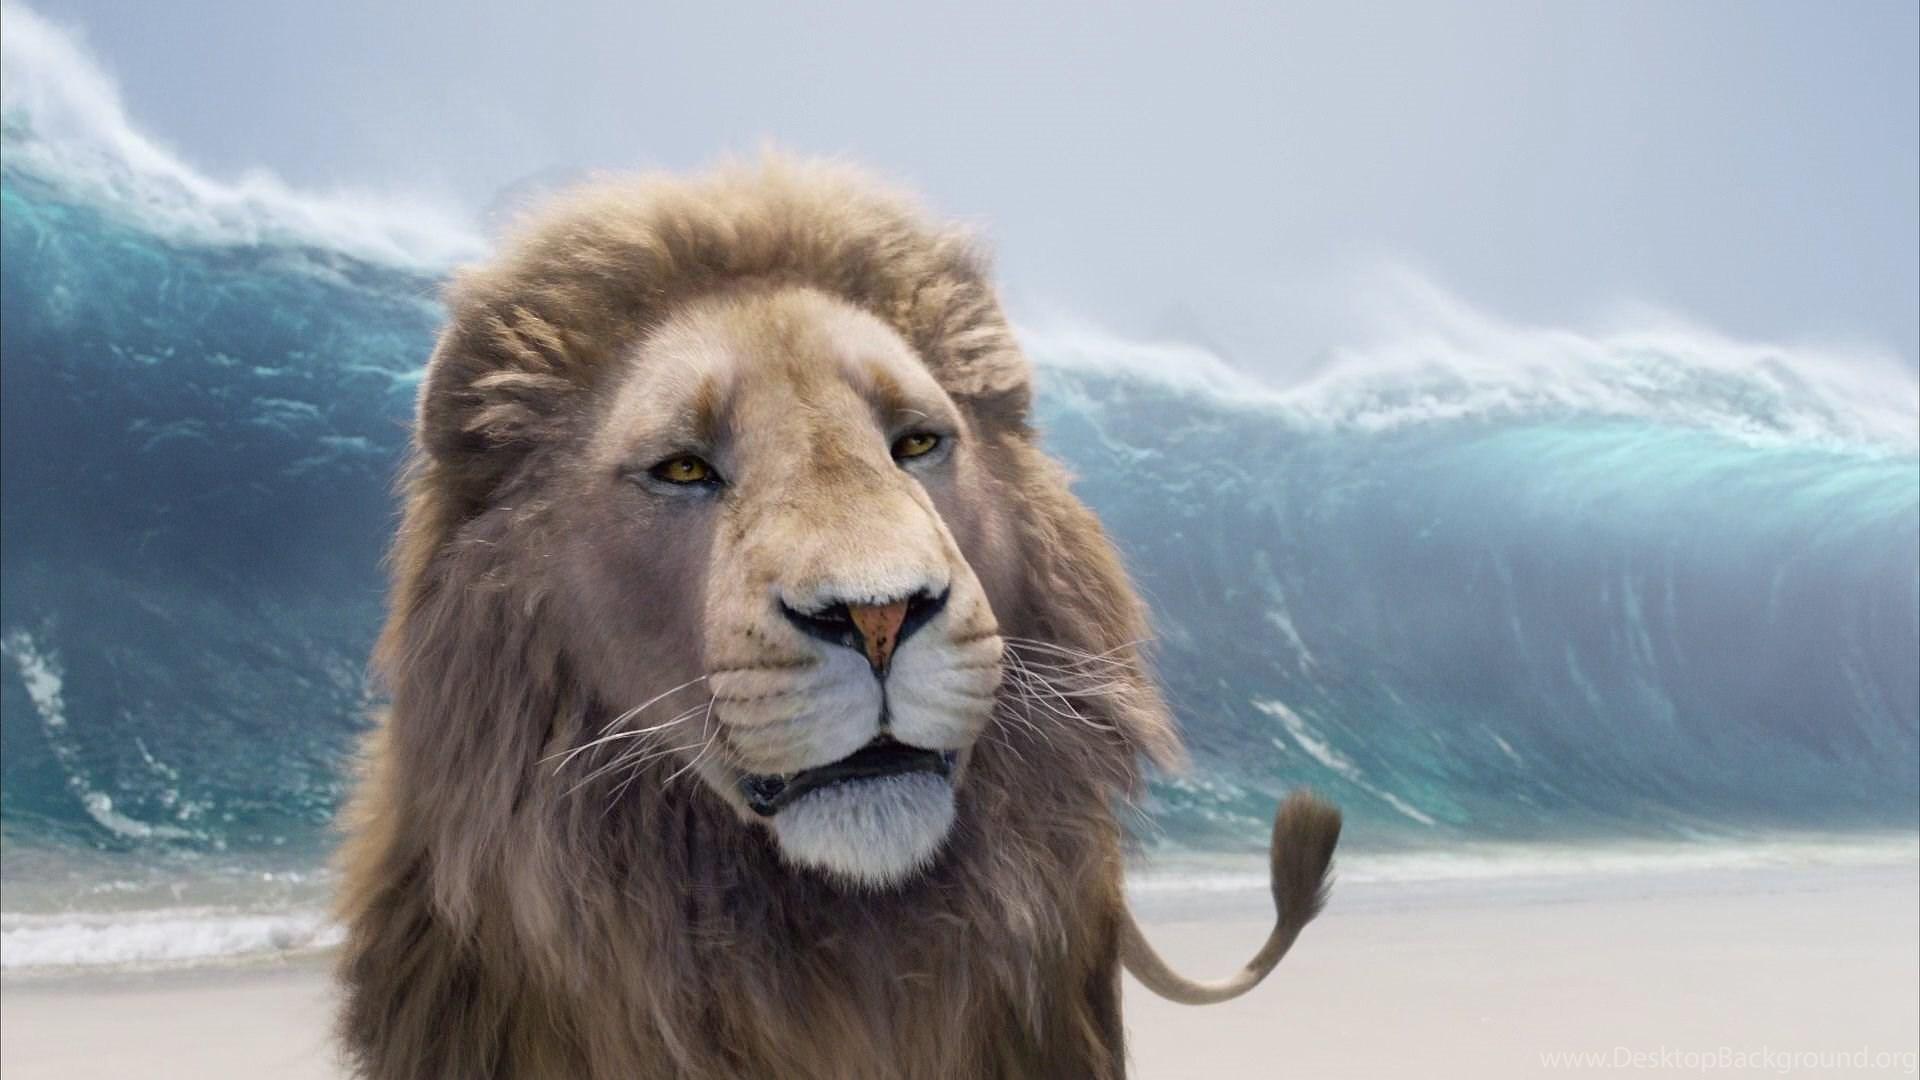 малыша лев аслан из нарнии картинки год хороший повод